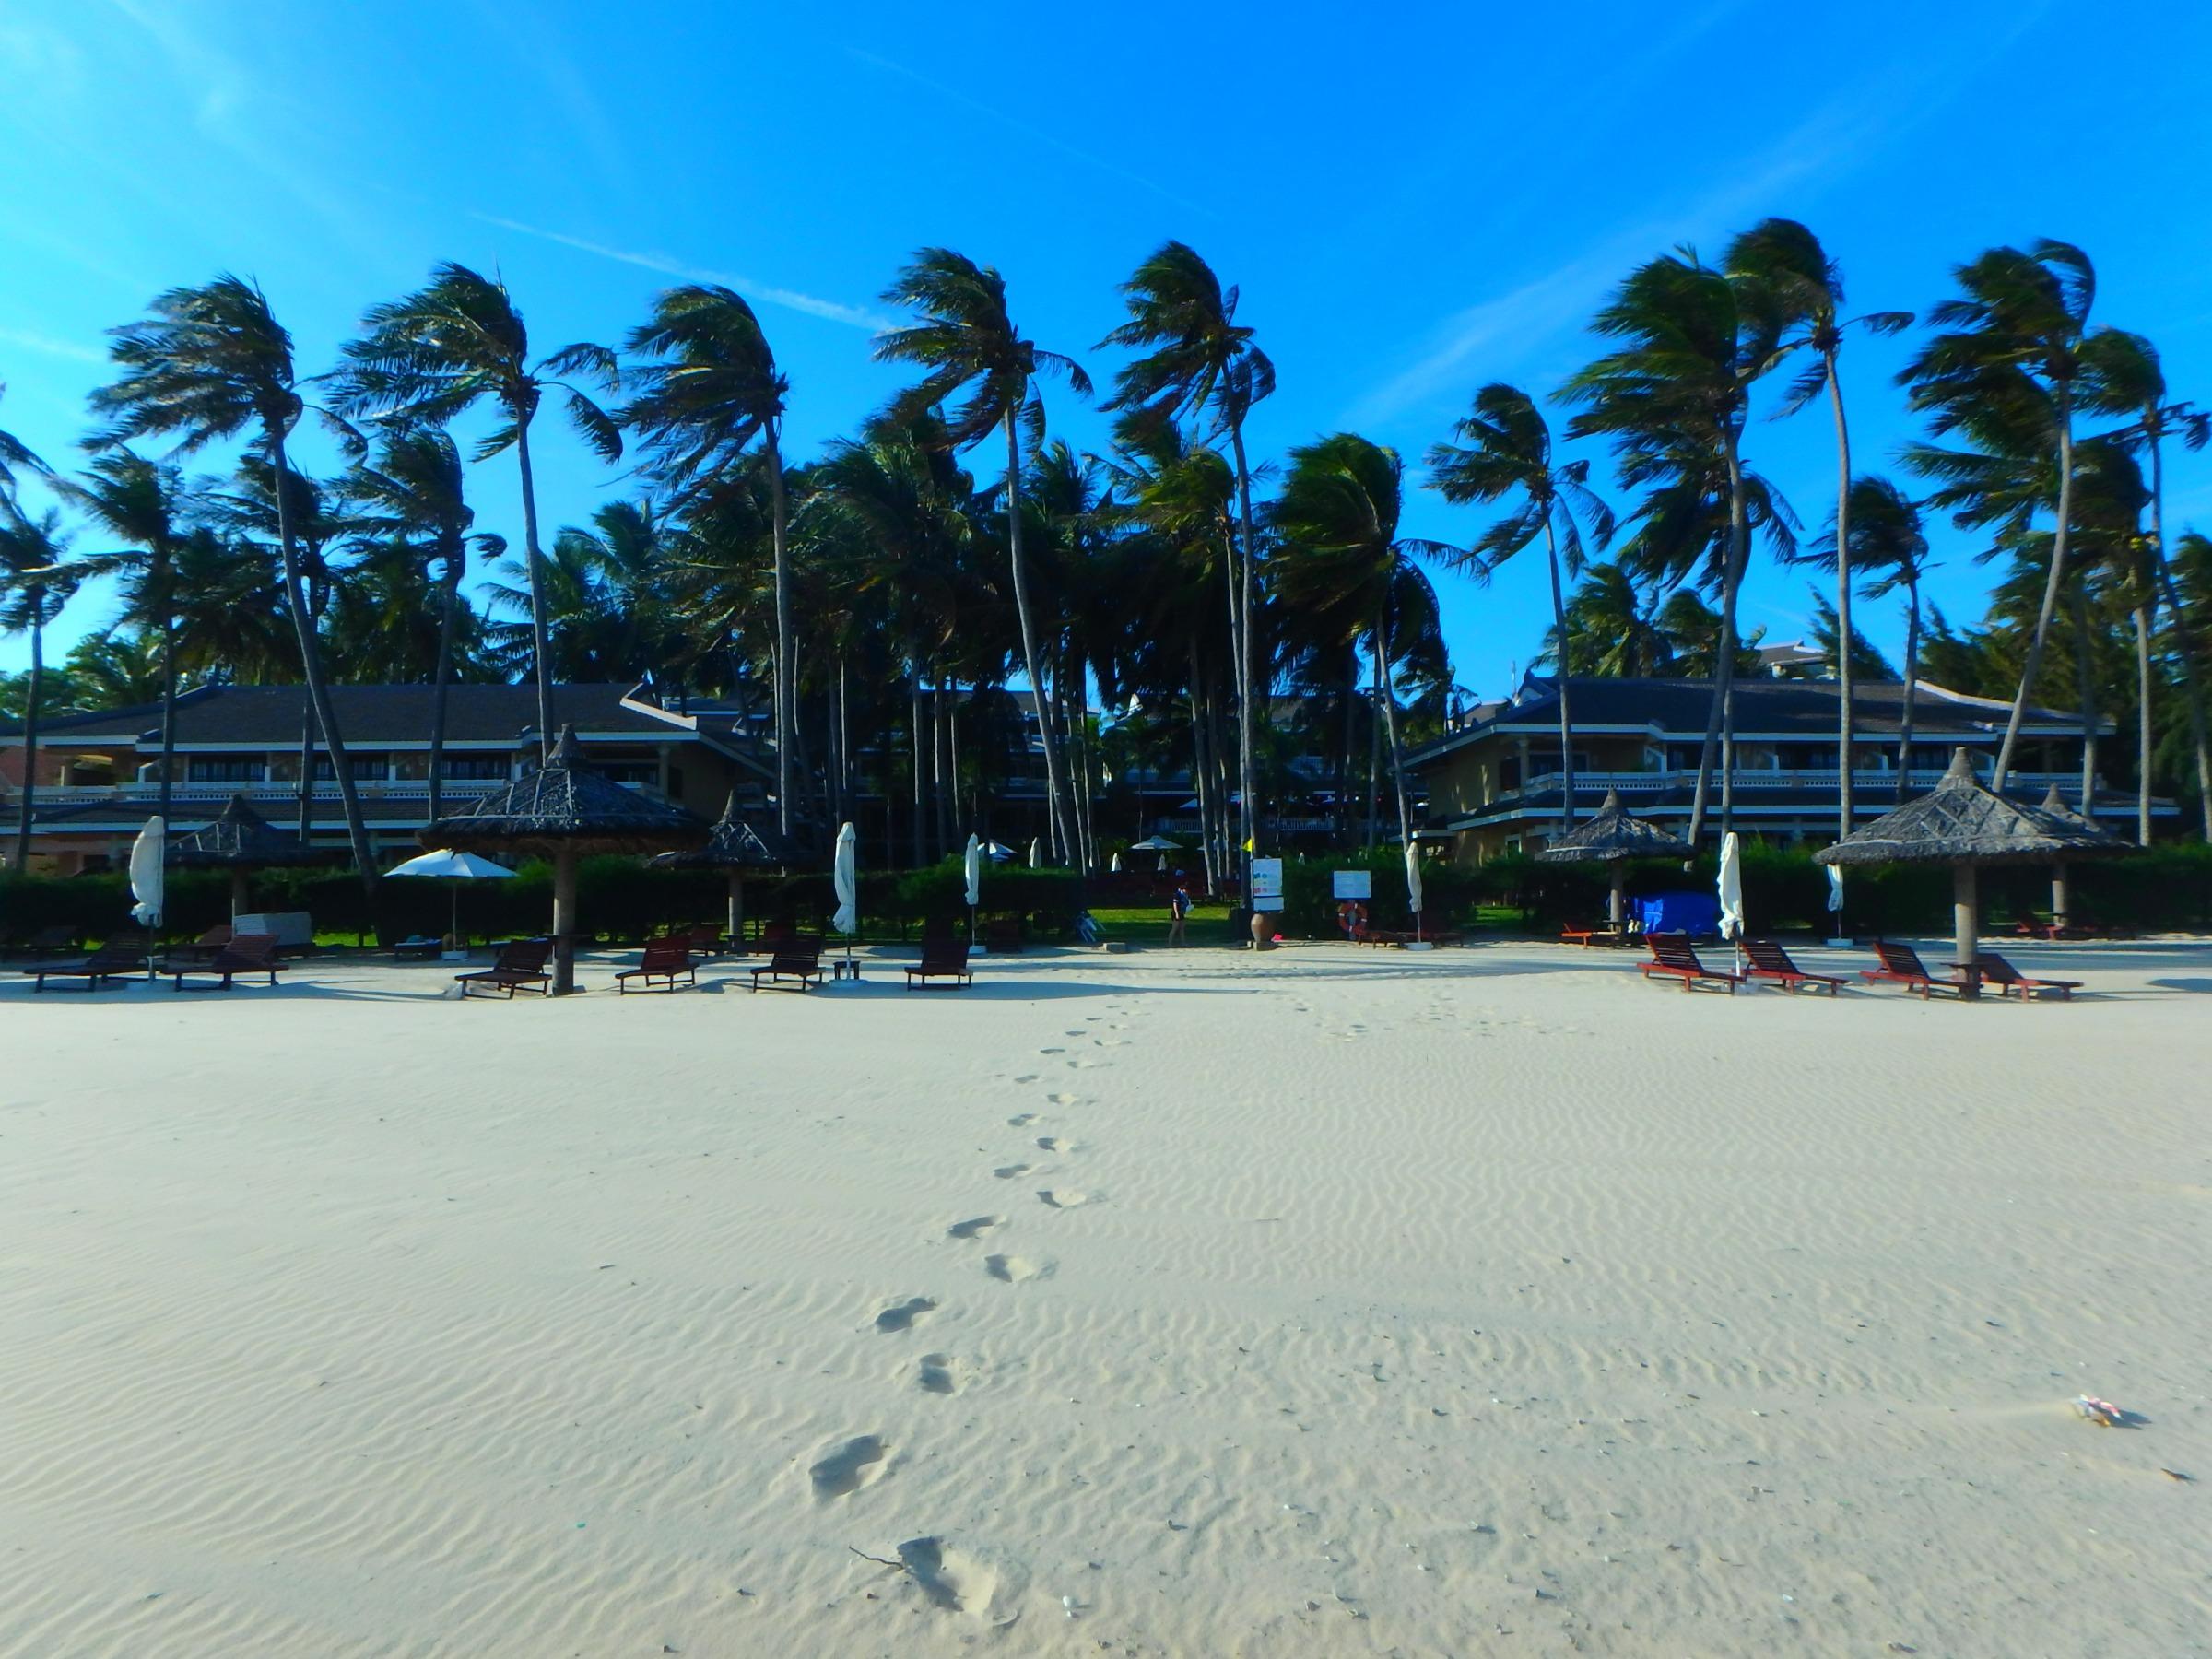 Amaryllis resort - Phan Thiet - Mui Ne Beach